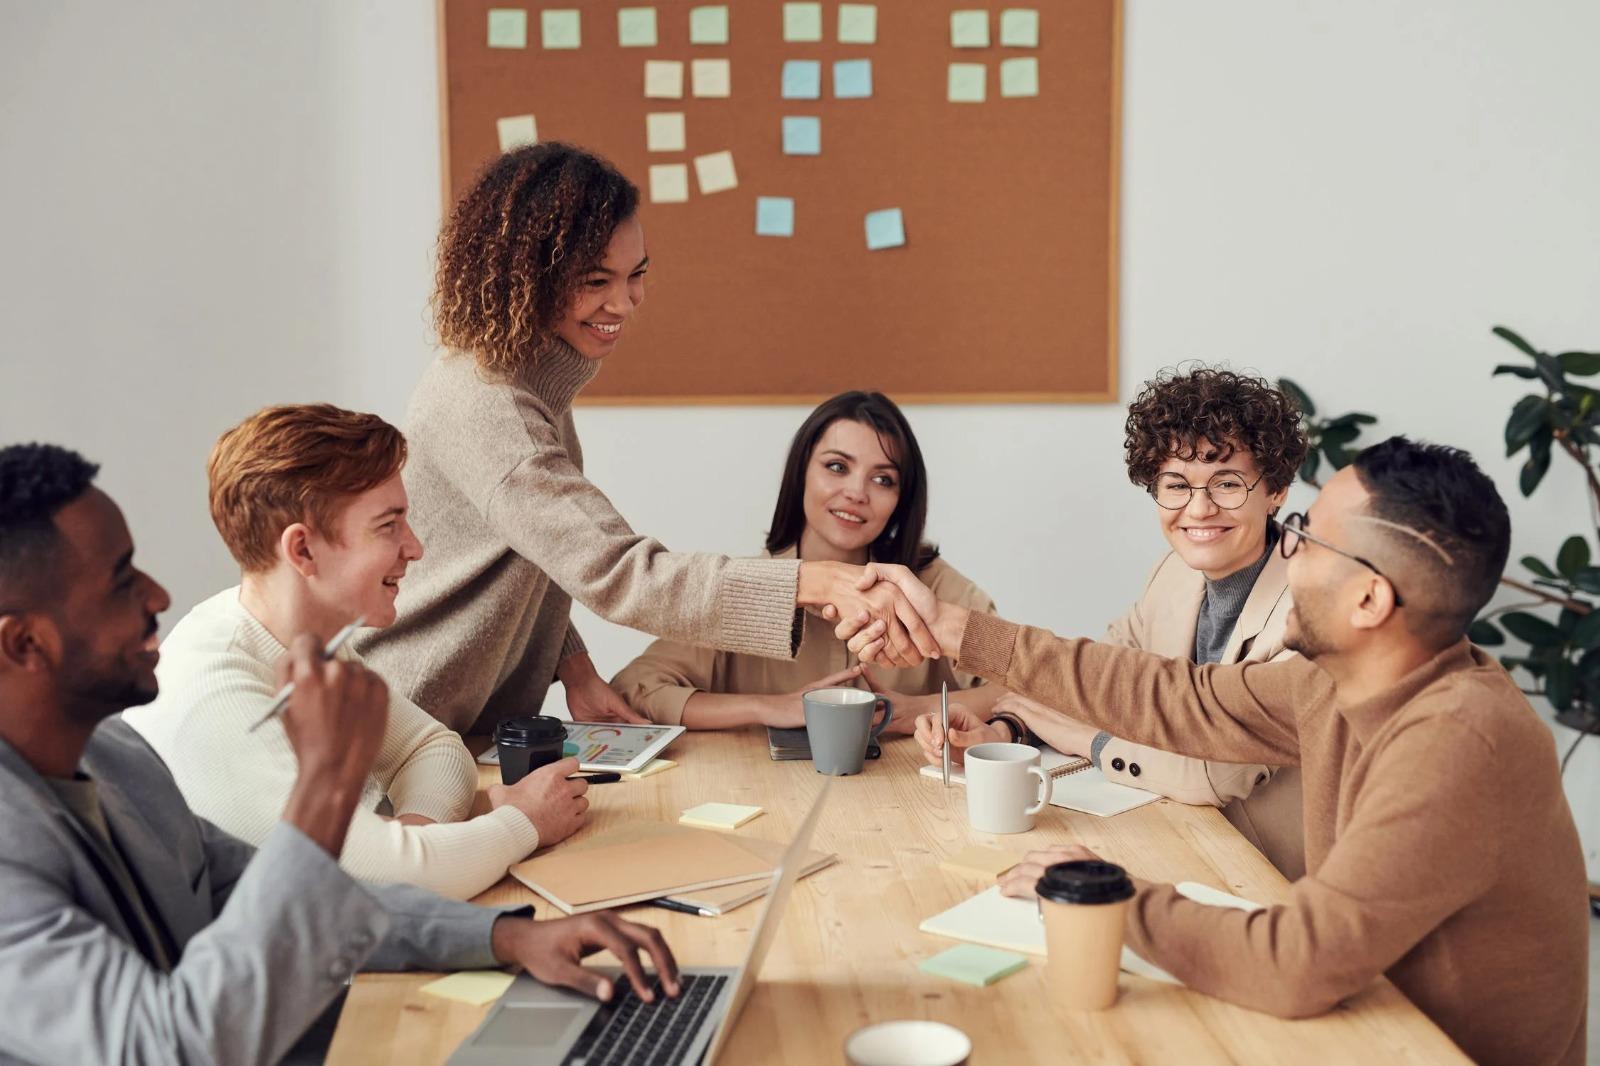 Resuelve tu problema de manera rápida y económica con la mediación